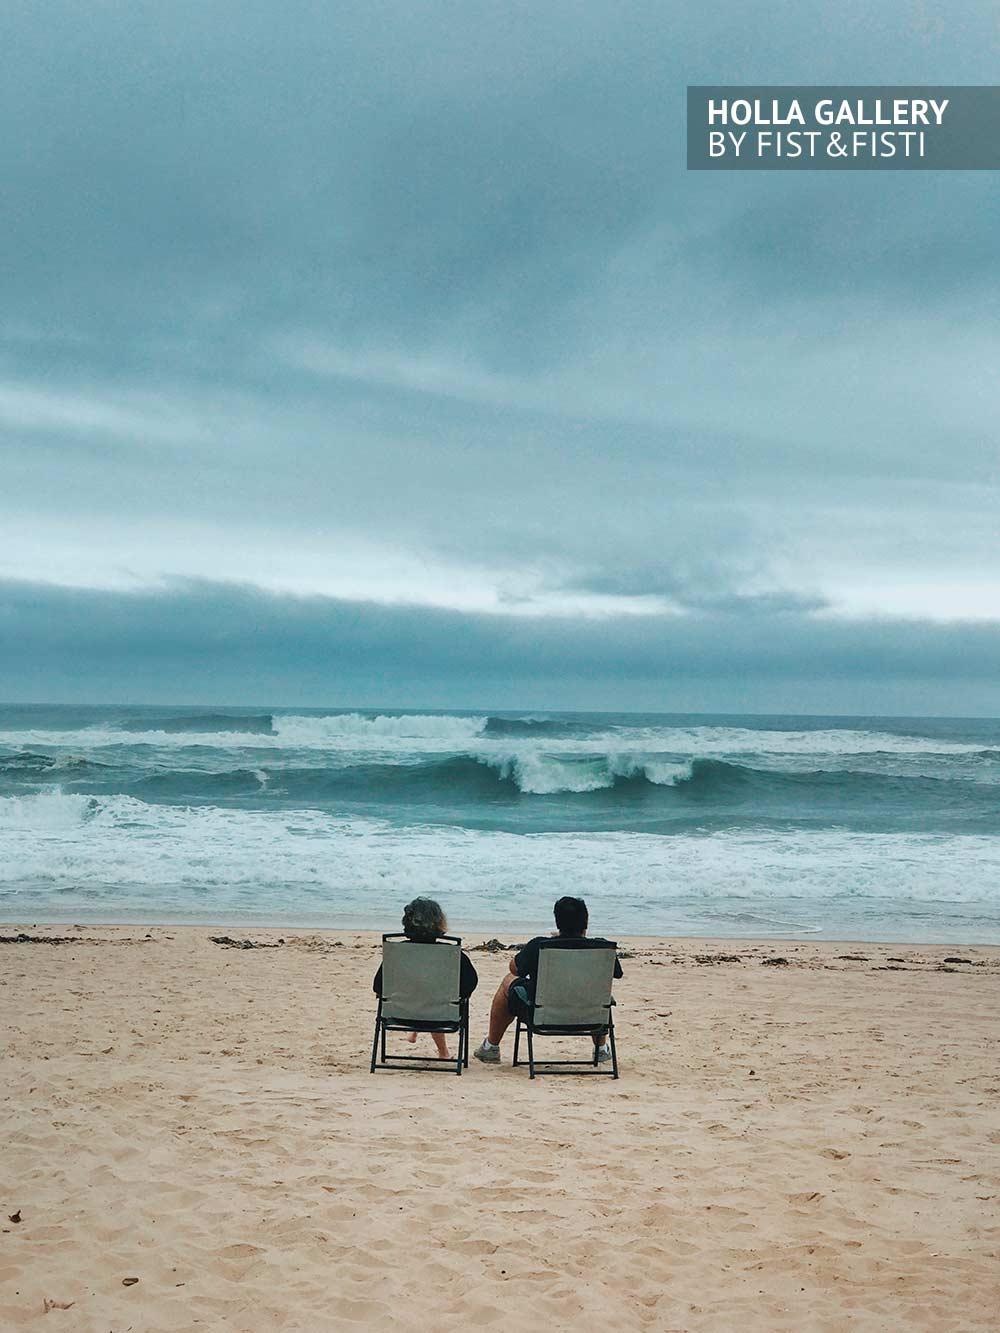 Пара на берегу моря. Lovestory на пляже East Hampton beach. Прибой в облачную погоду